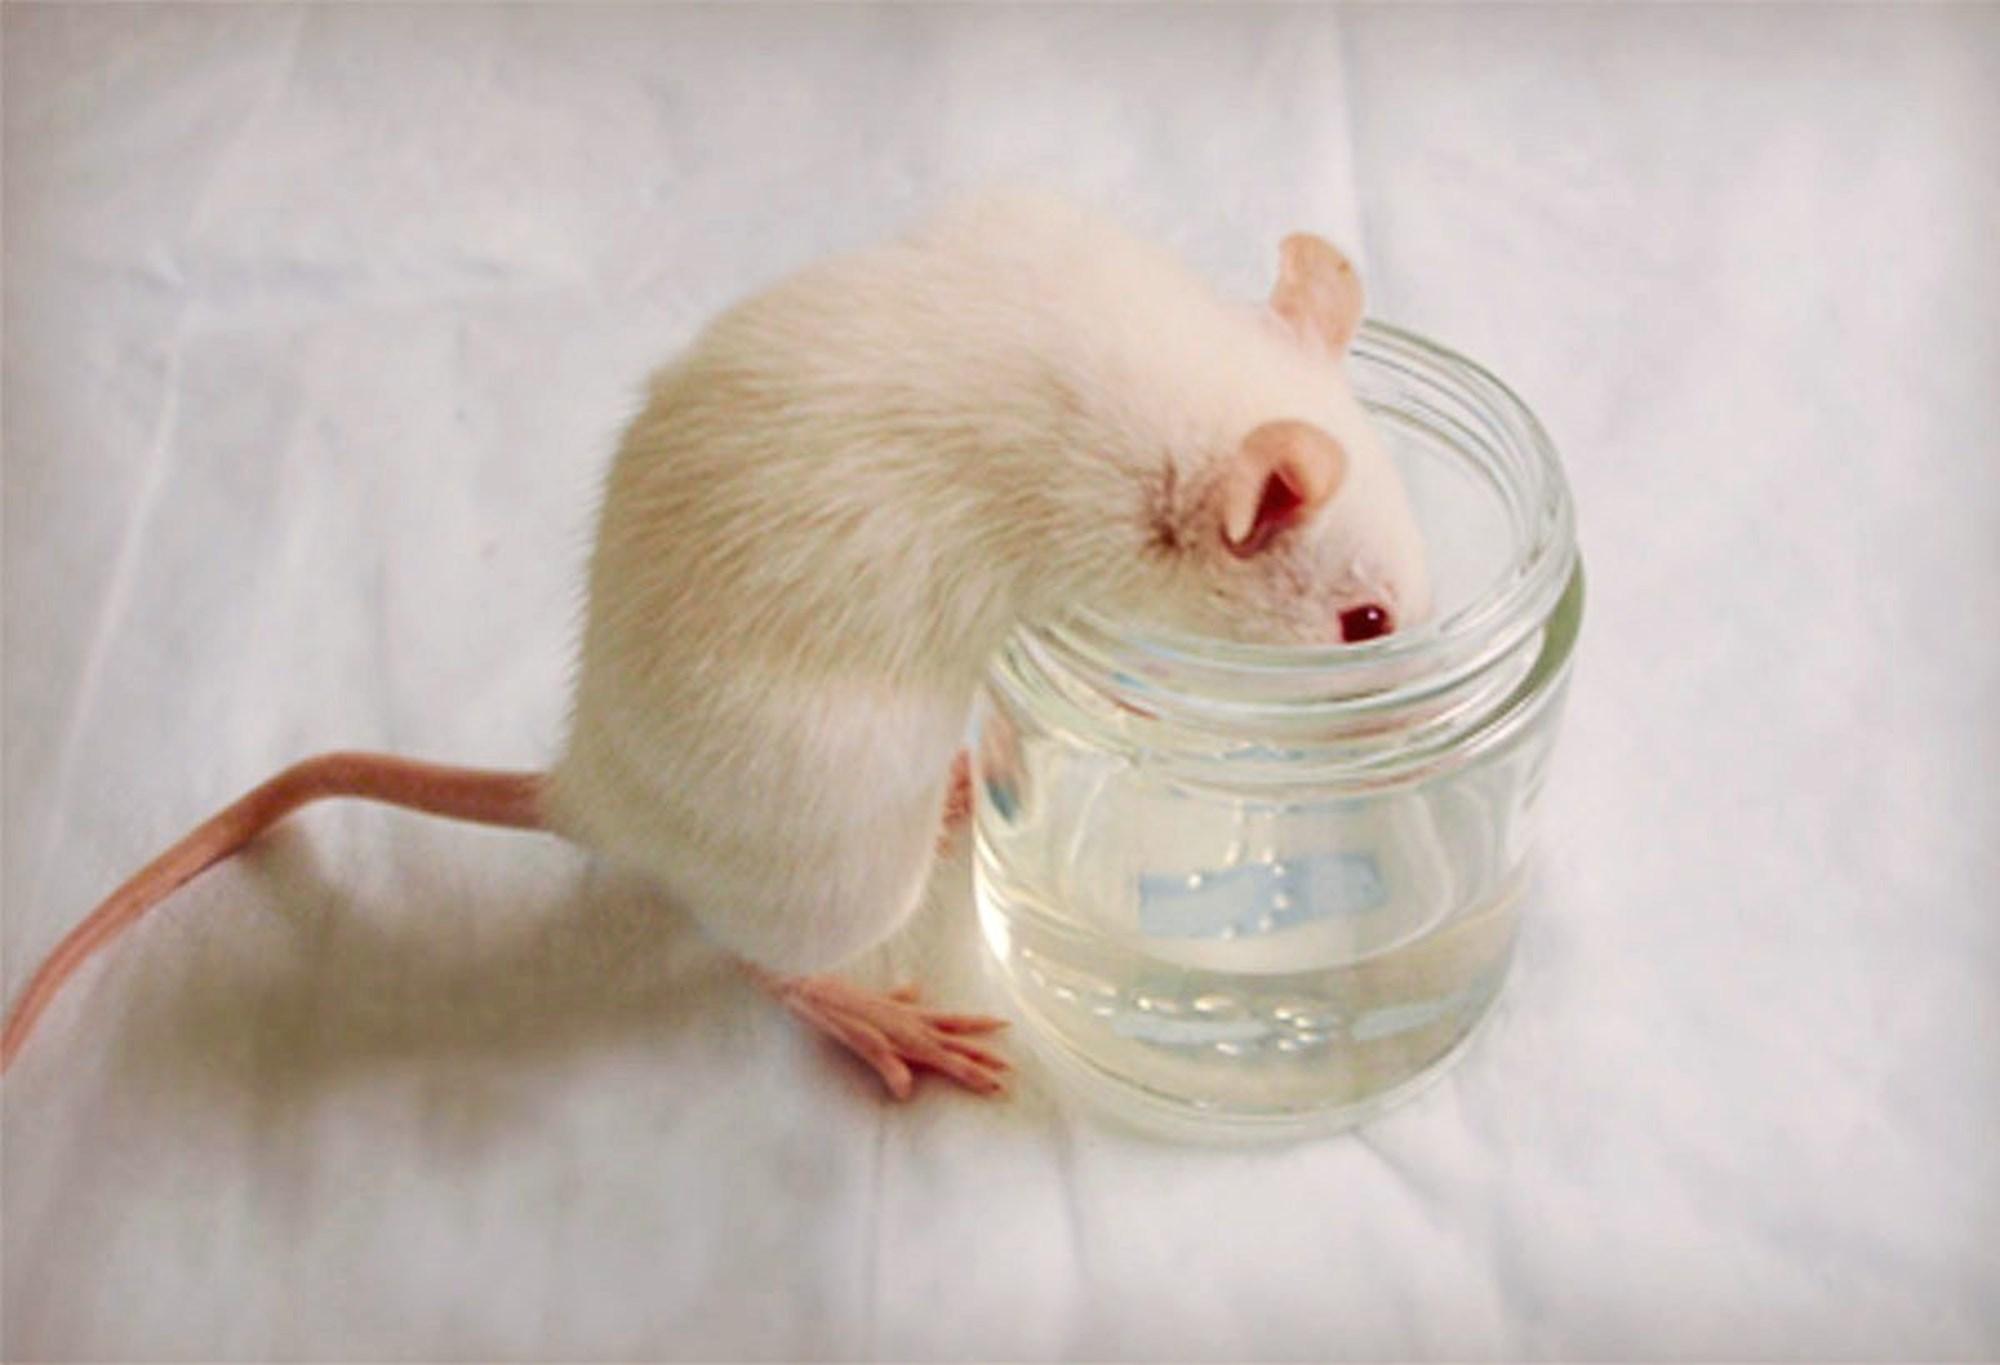 Alkoholabhängigkeit von Ratten per Knopfdruck steuerbar – derStandard.at